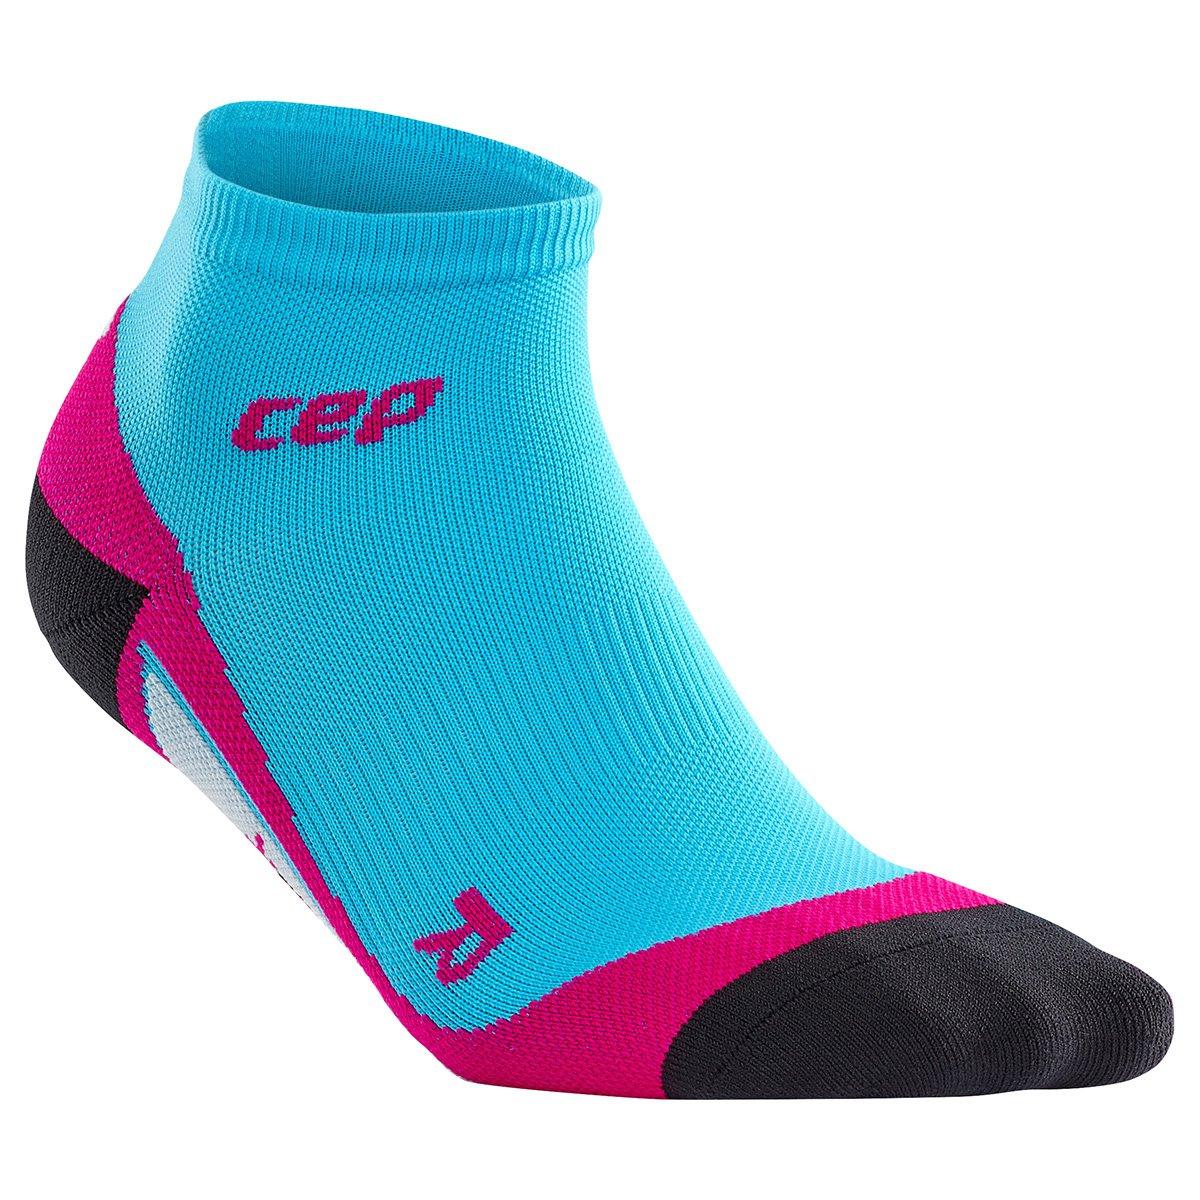 Turquesa Meia cm CEP e Pink De Azul 20 Tornozelo Compressão 5 23 qzAq7Bxw